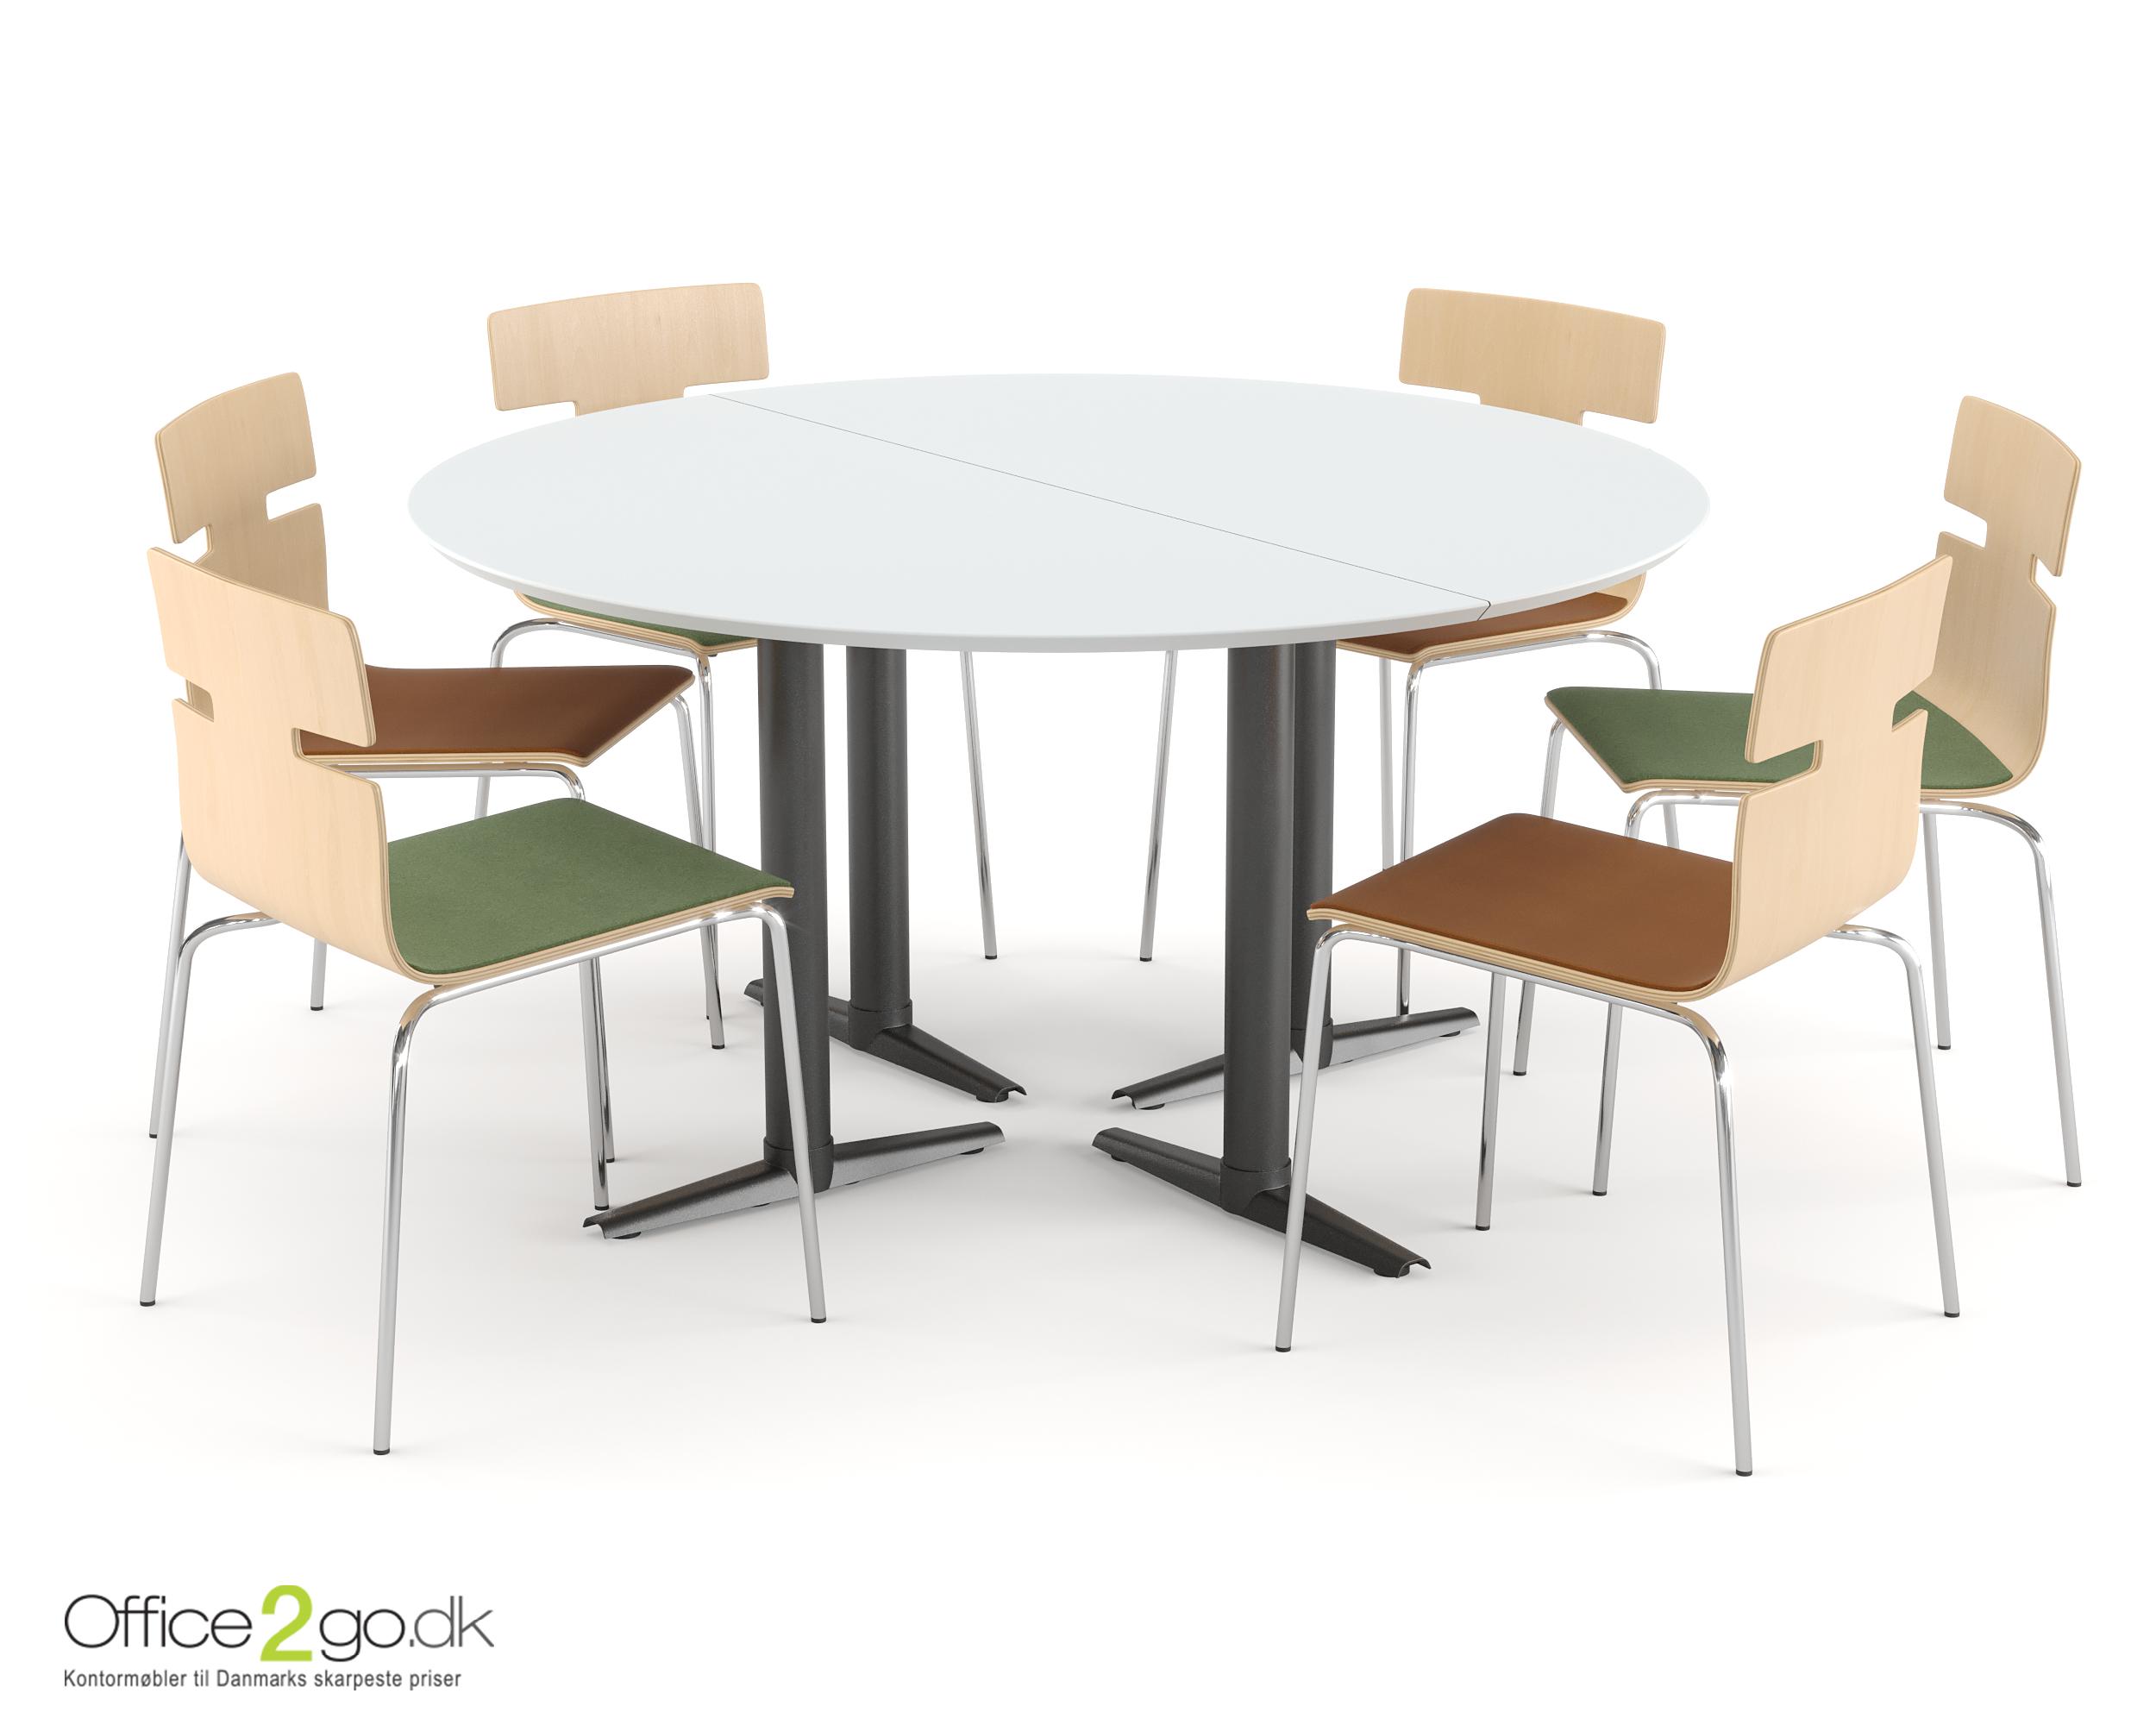 Switch mødebord - 6 personer - Ø 140 cm